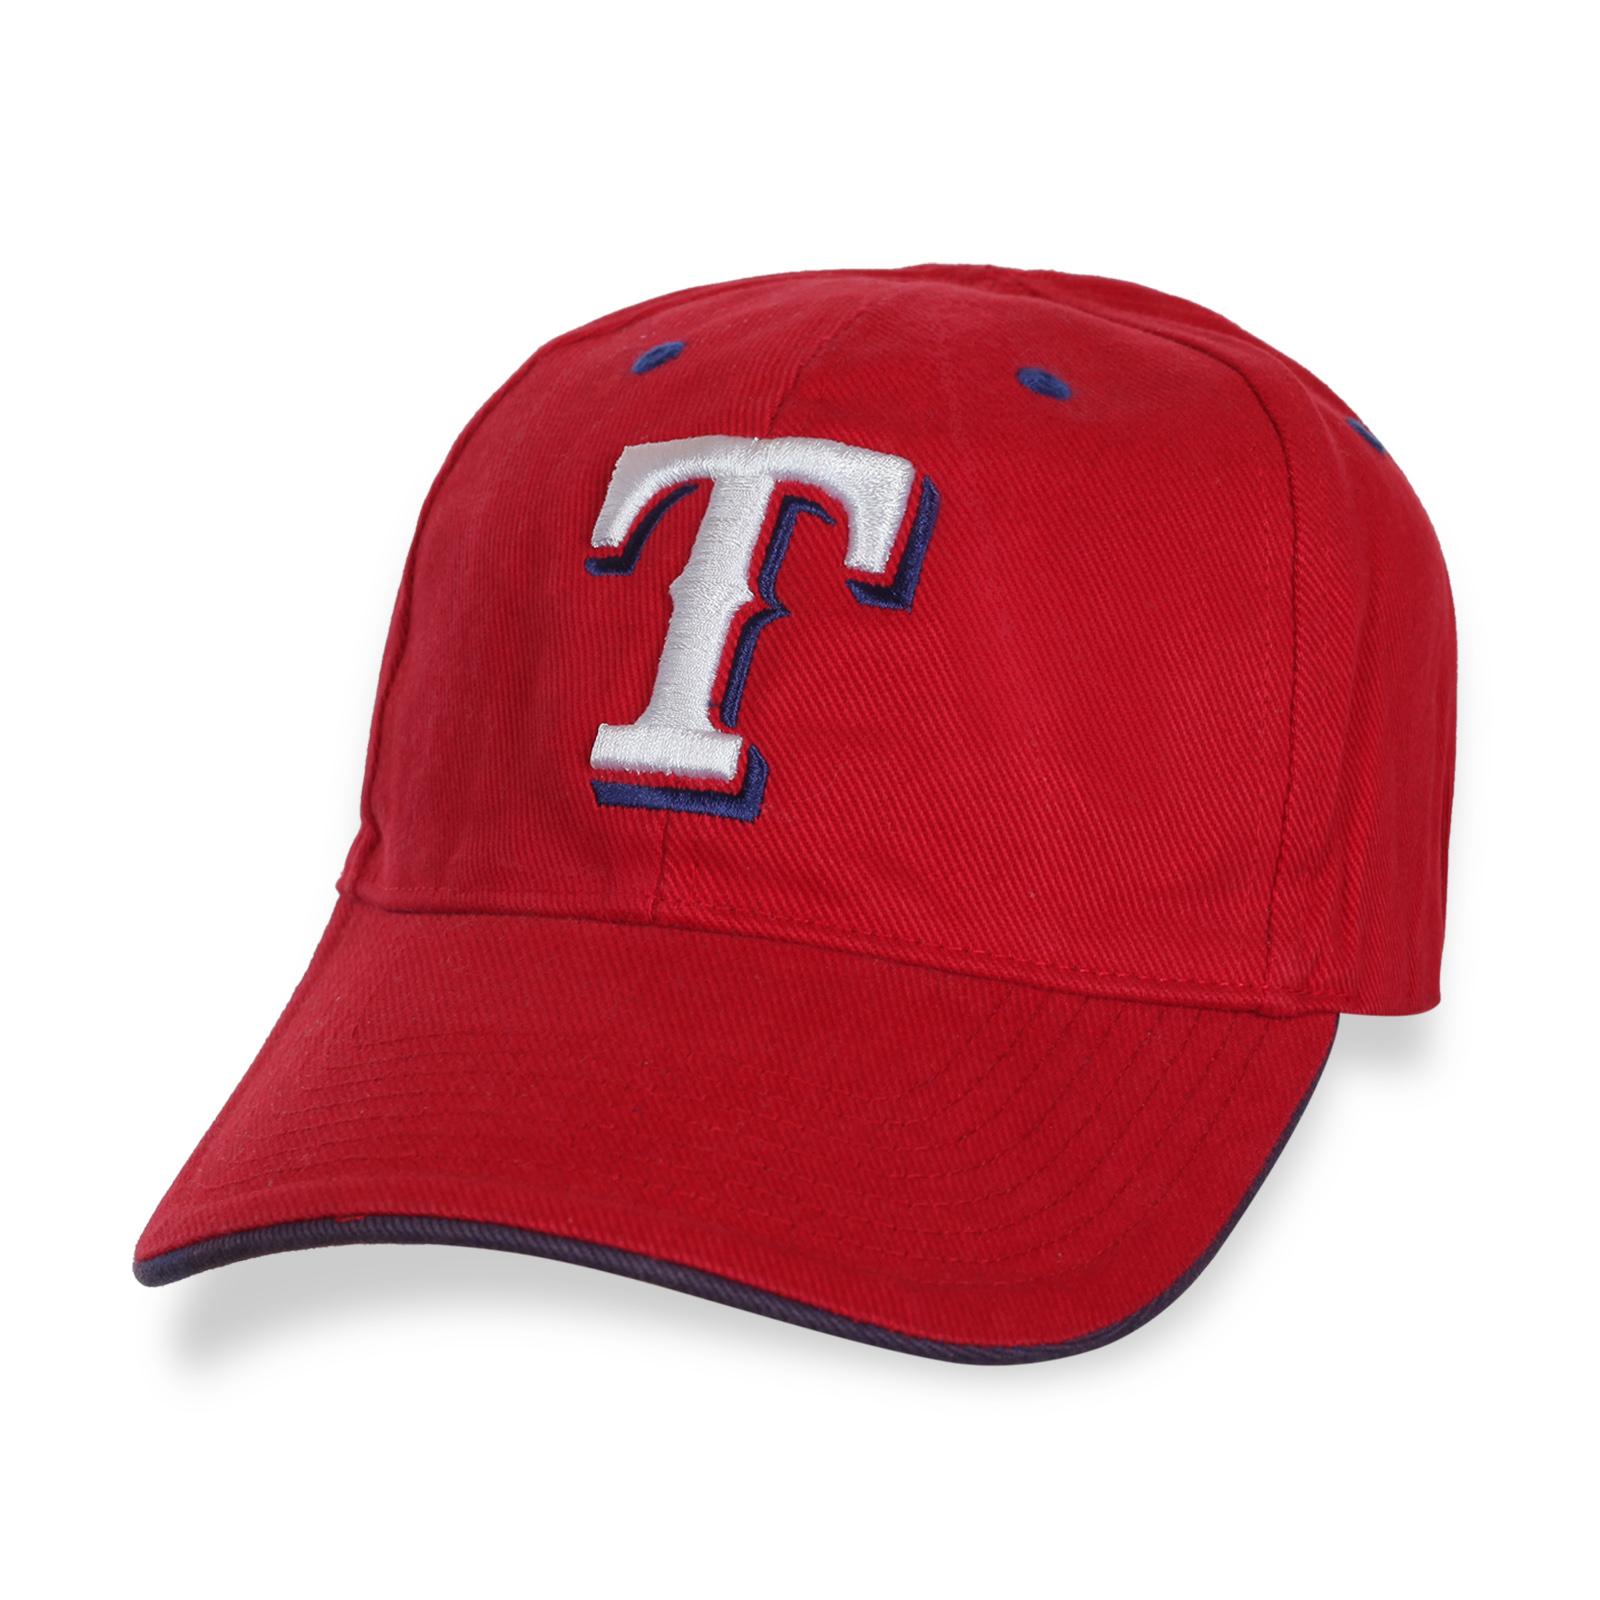 Хлопковая красная бейсболка T